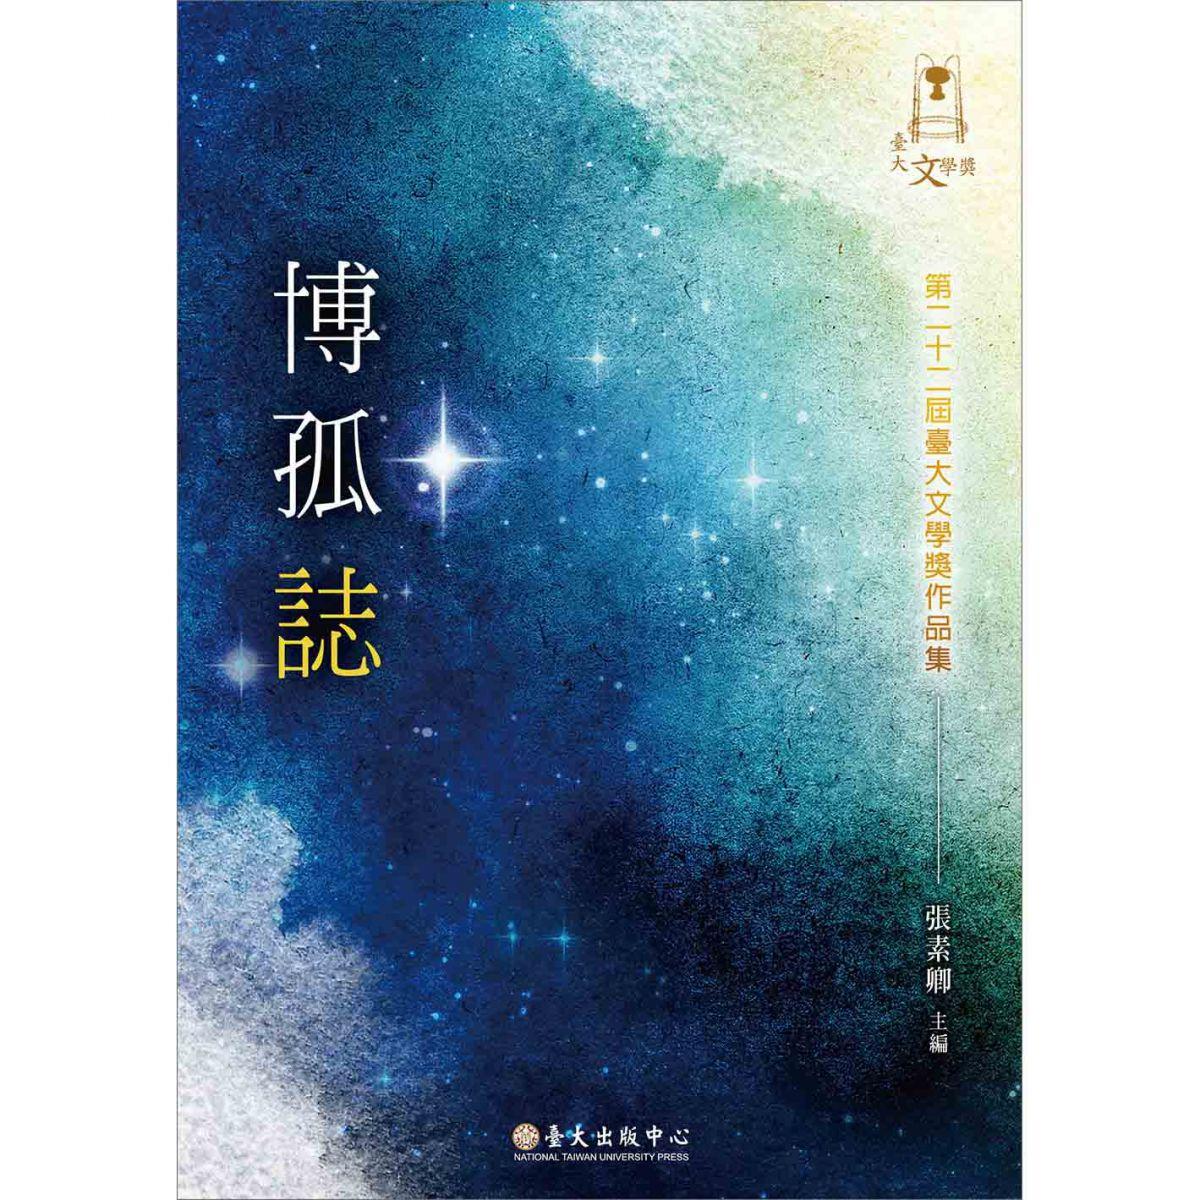 《博孤誌──第二十二屆臺大文學獎作品集》以文學傳遞能量